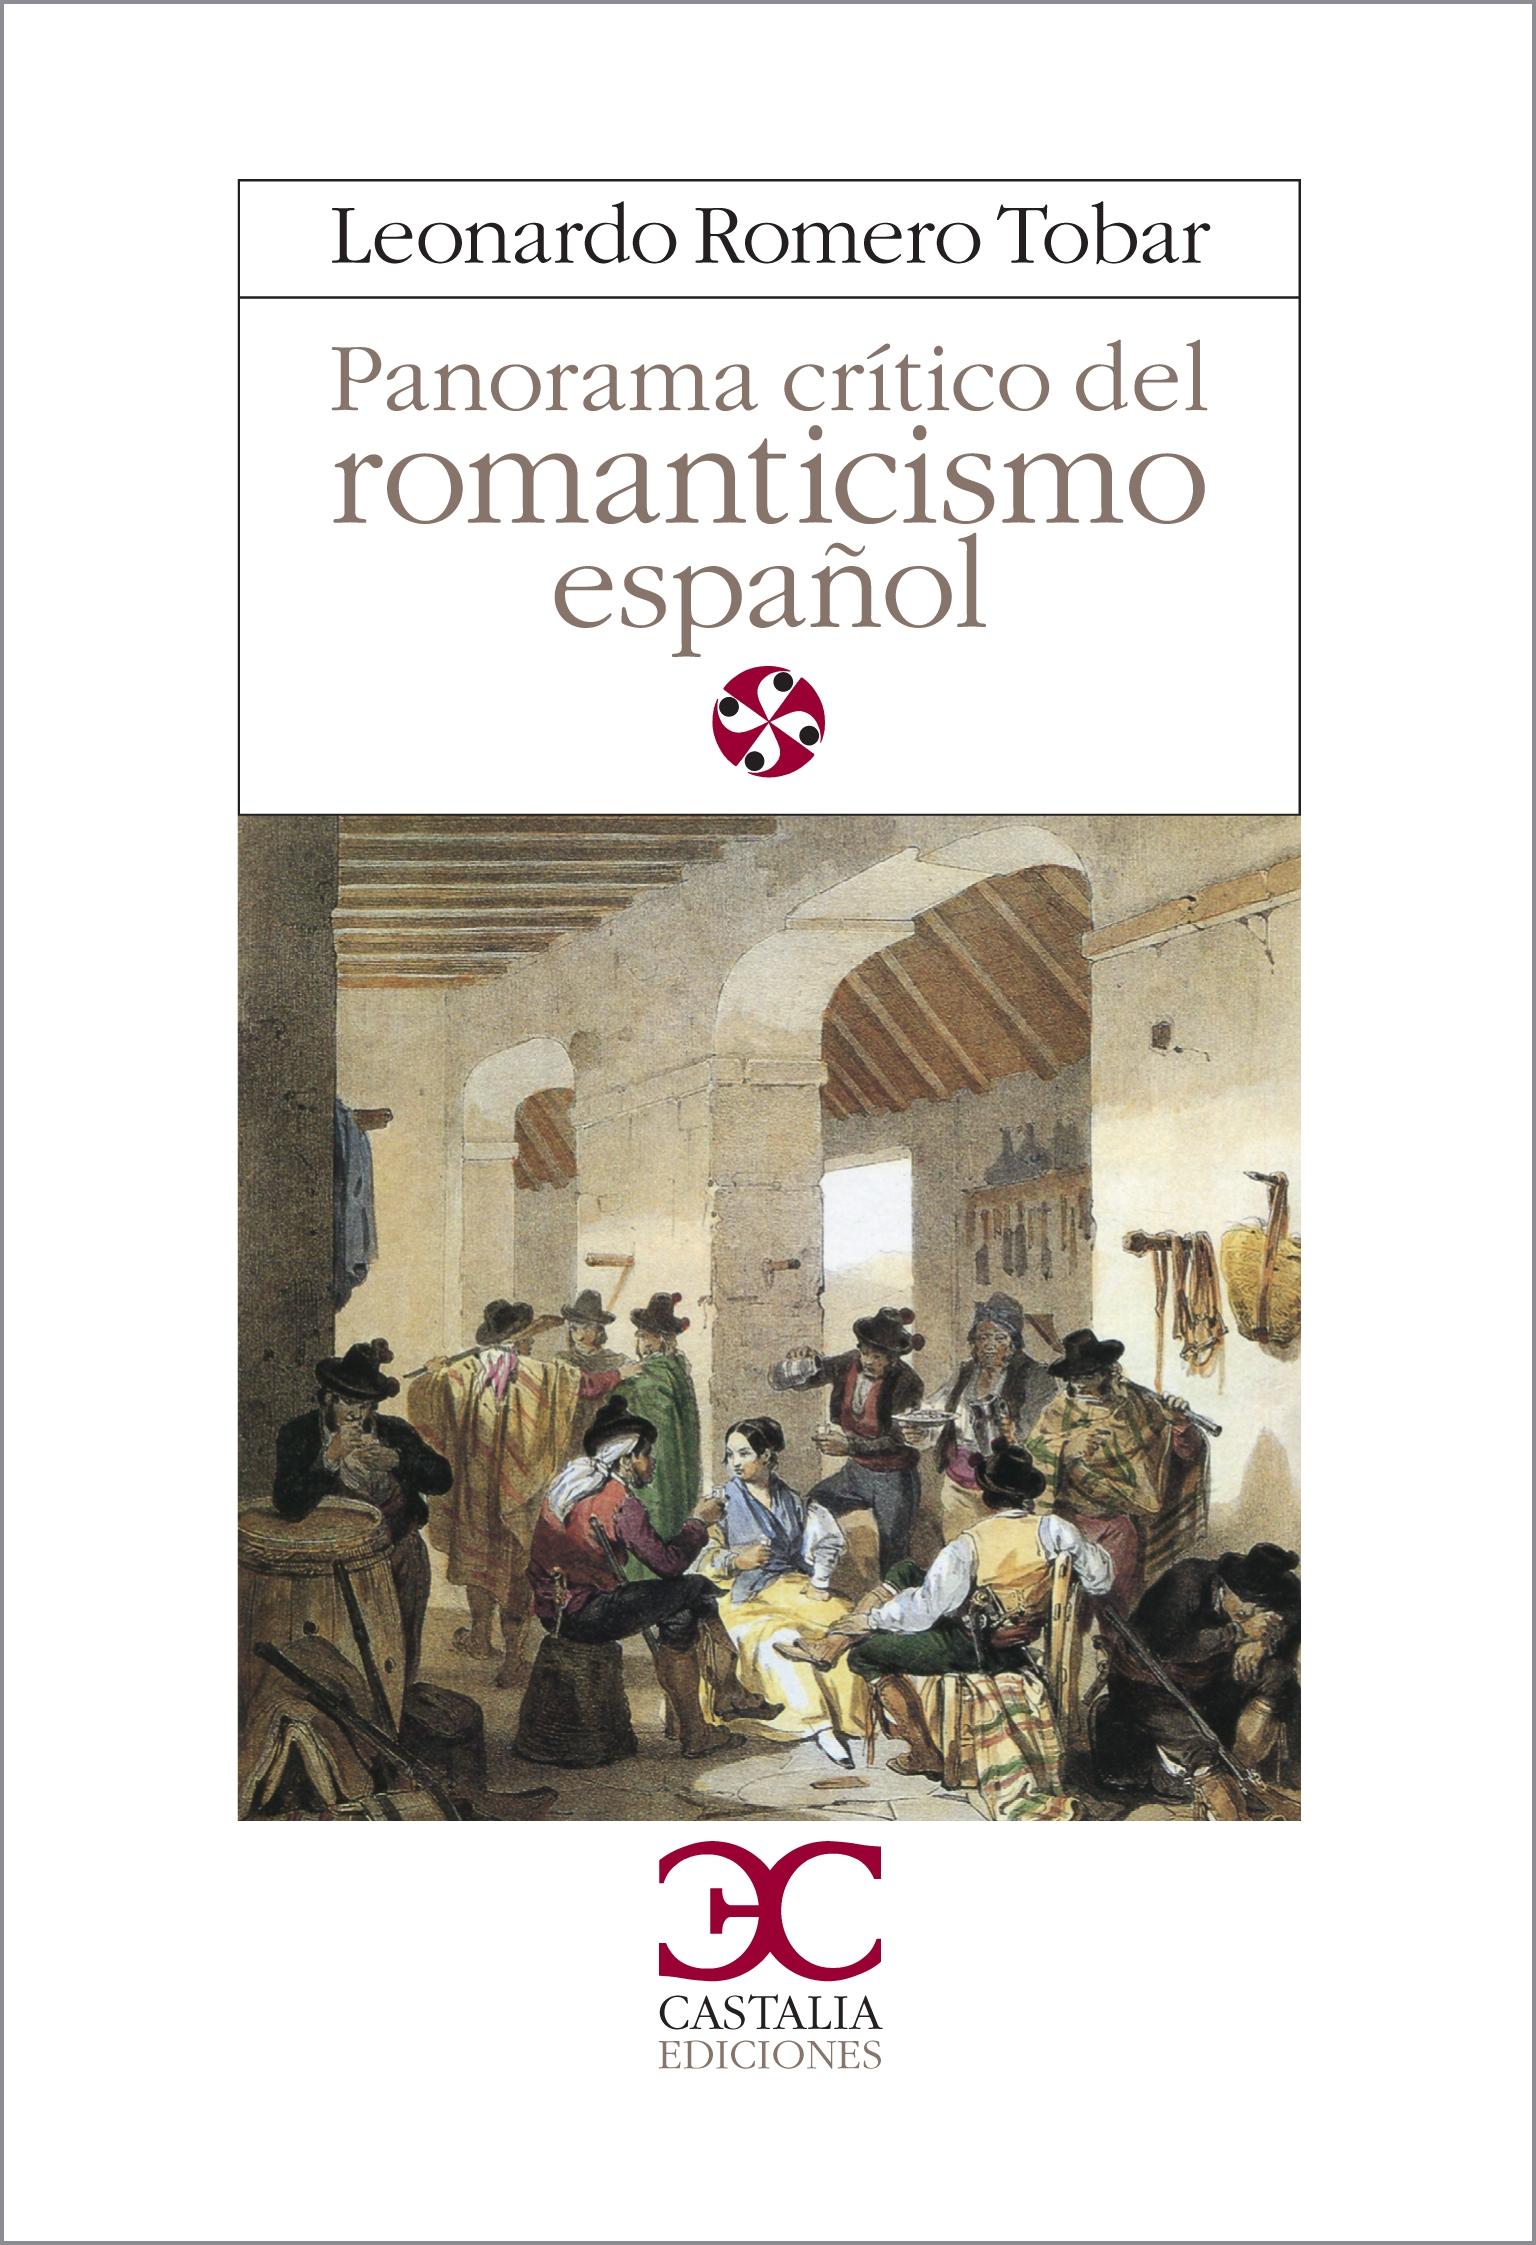 Panorama crítico del romanticismo español